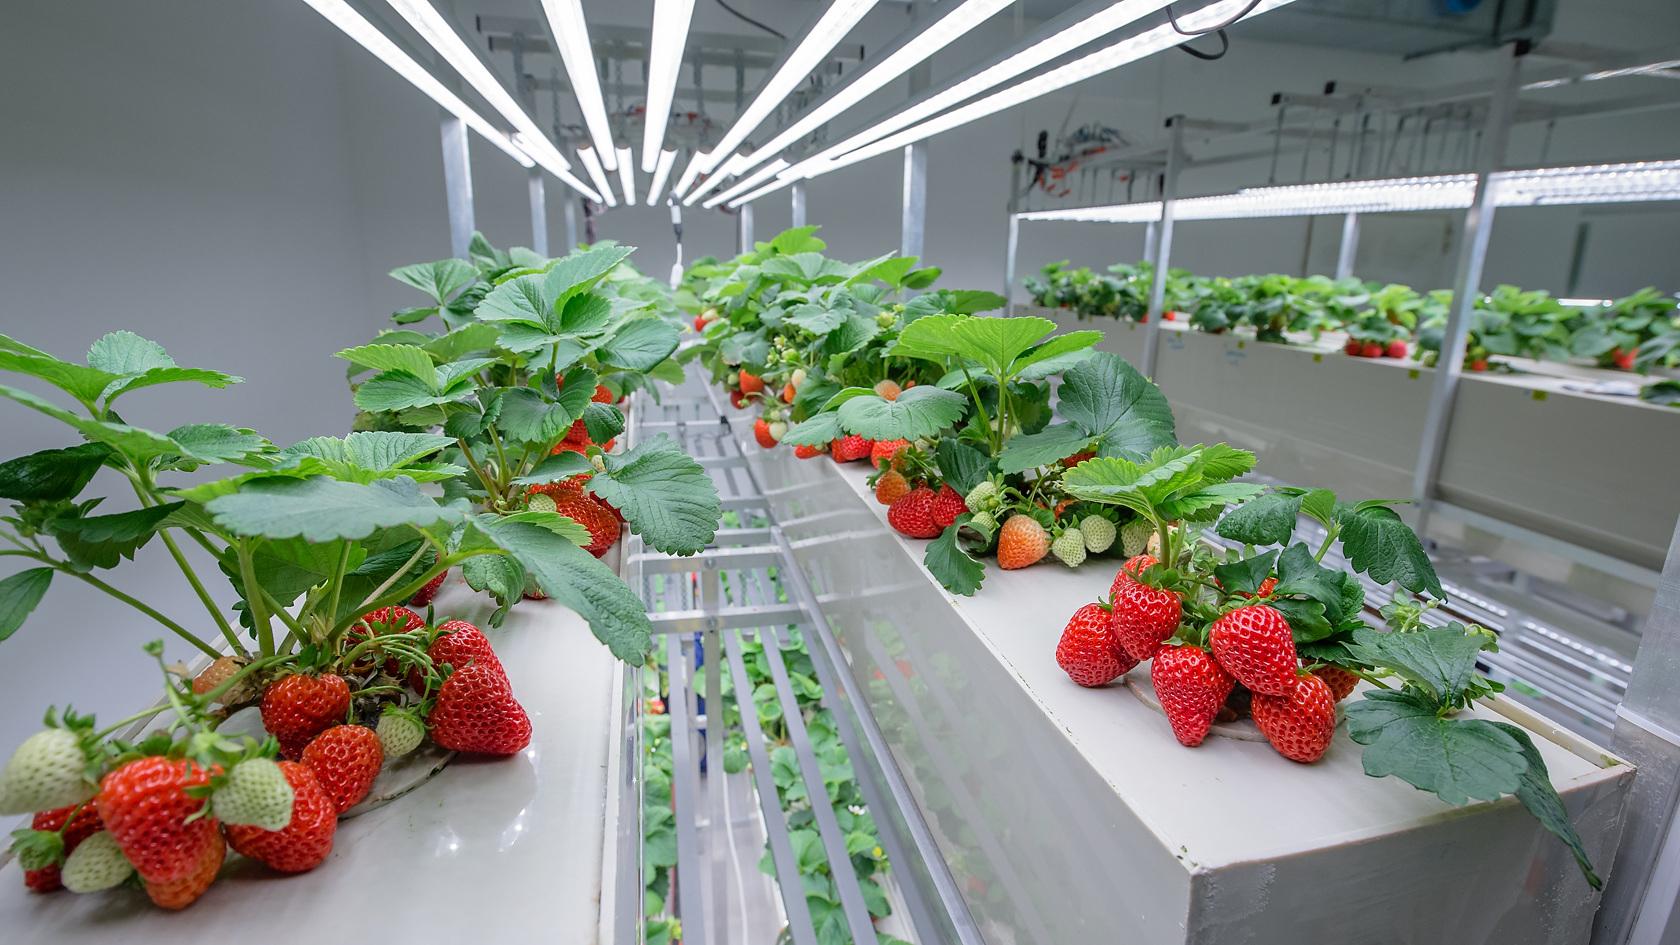 Выращивание клубники на вертикальной ферме более выгодно благодаря автоматизации